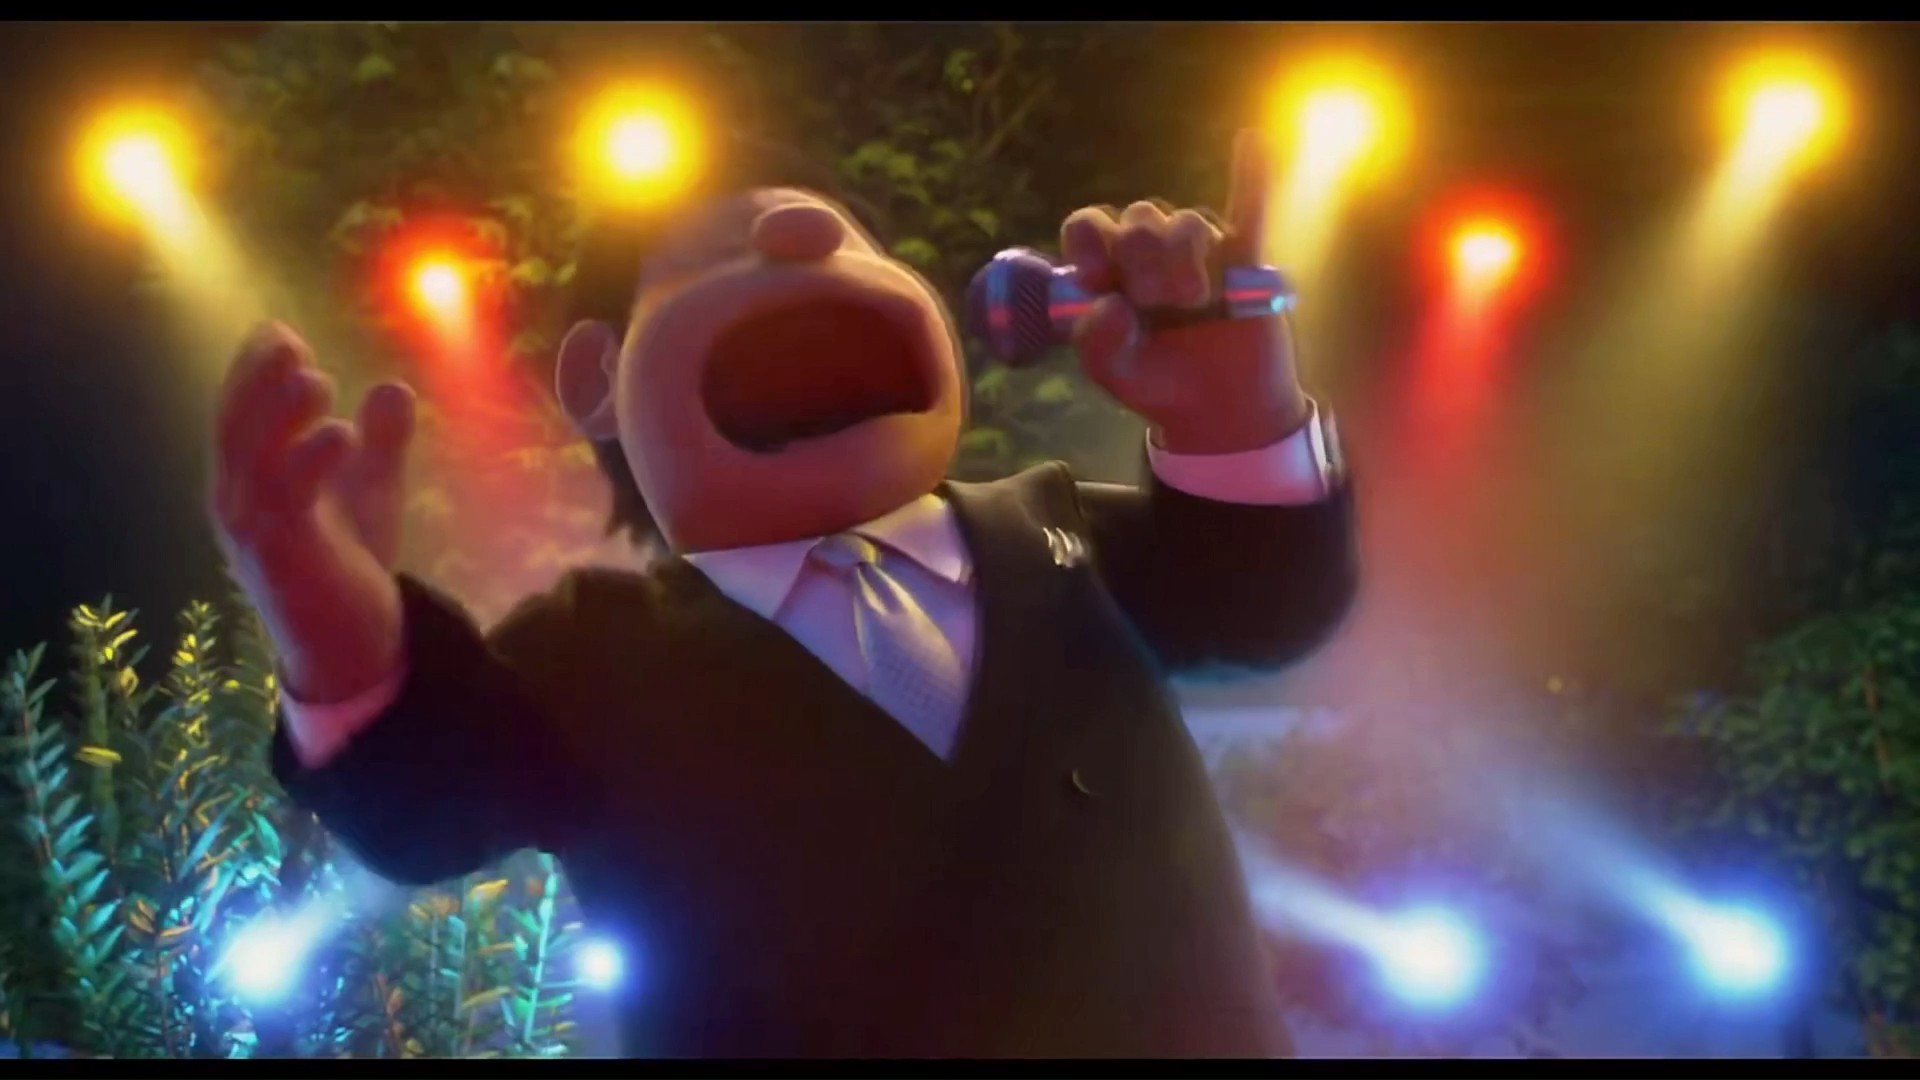 大雄逃婚了!?动画电影《哆啦A梦:伴我同行2》正式PV公开- 布丁次元社